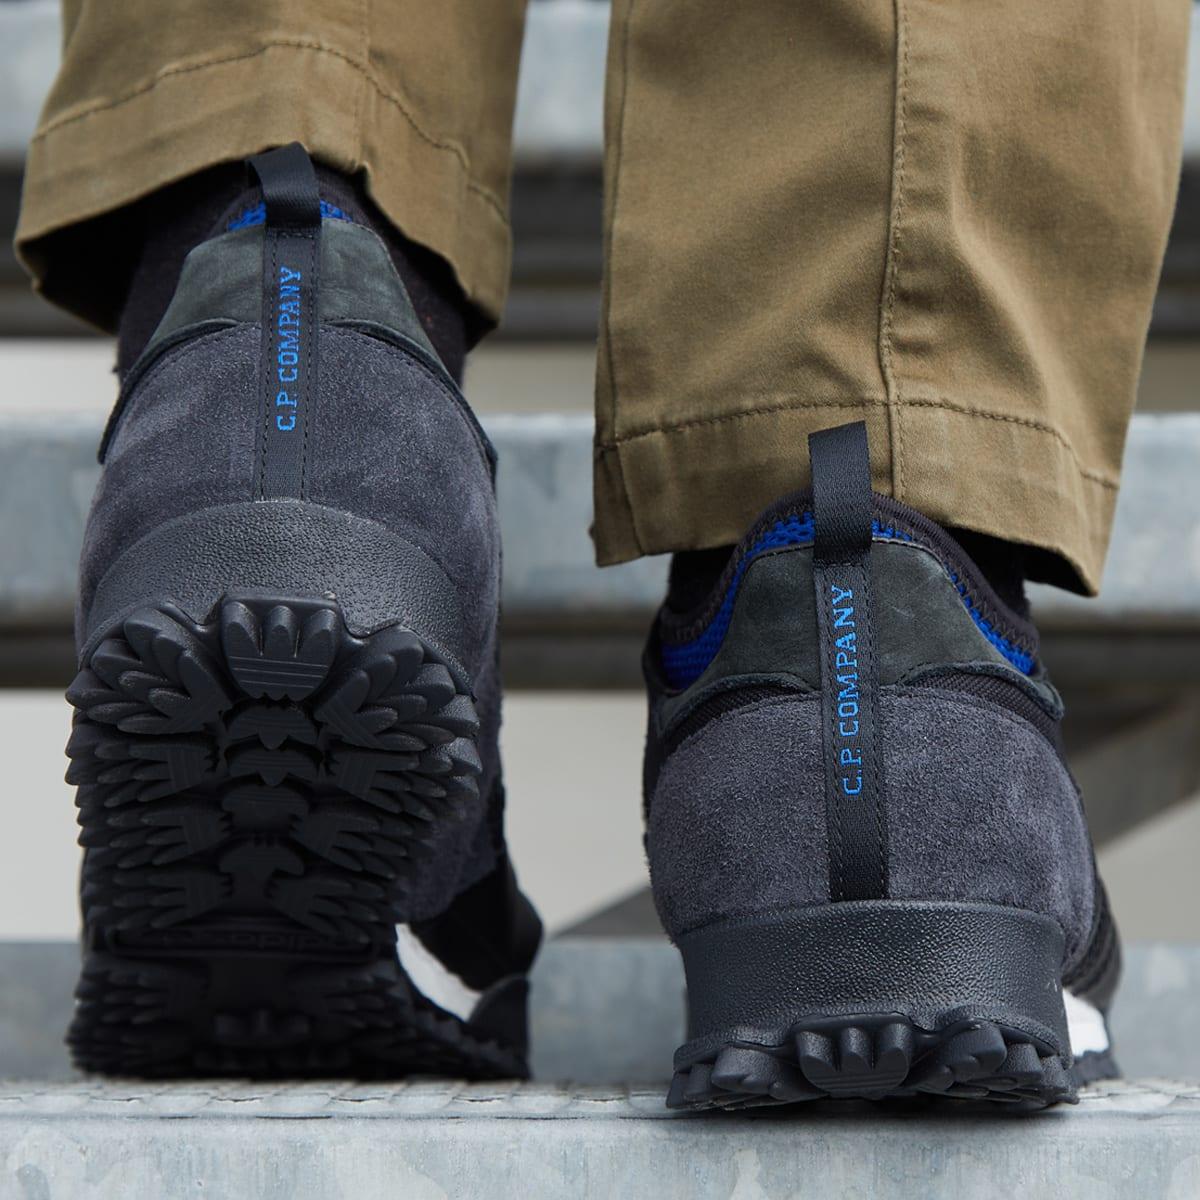 Adidas x C.P. Company Marathon (Black